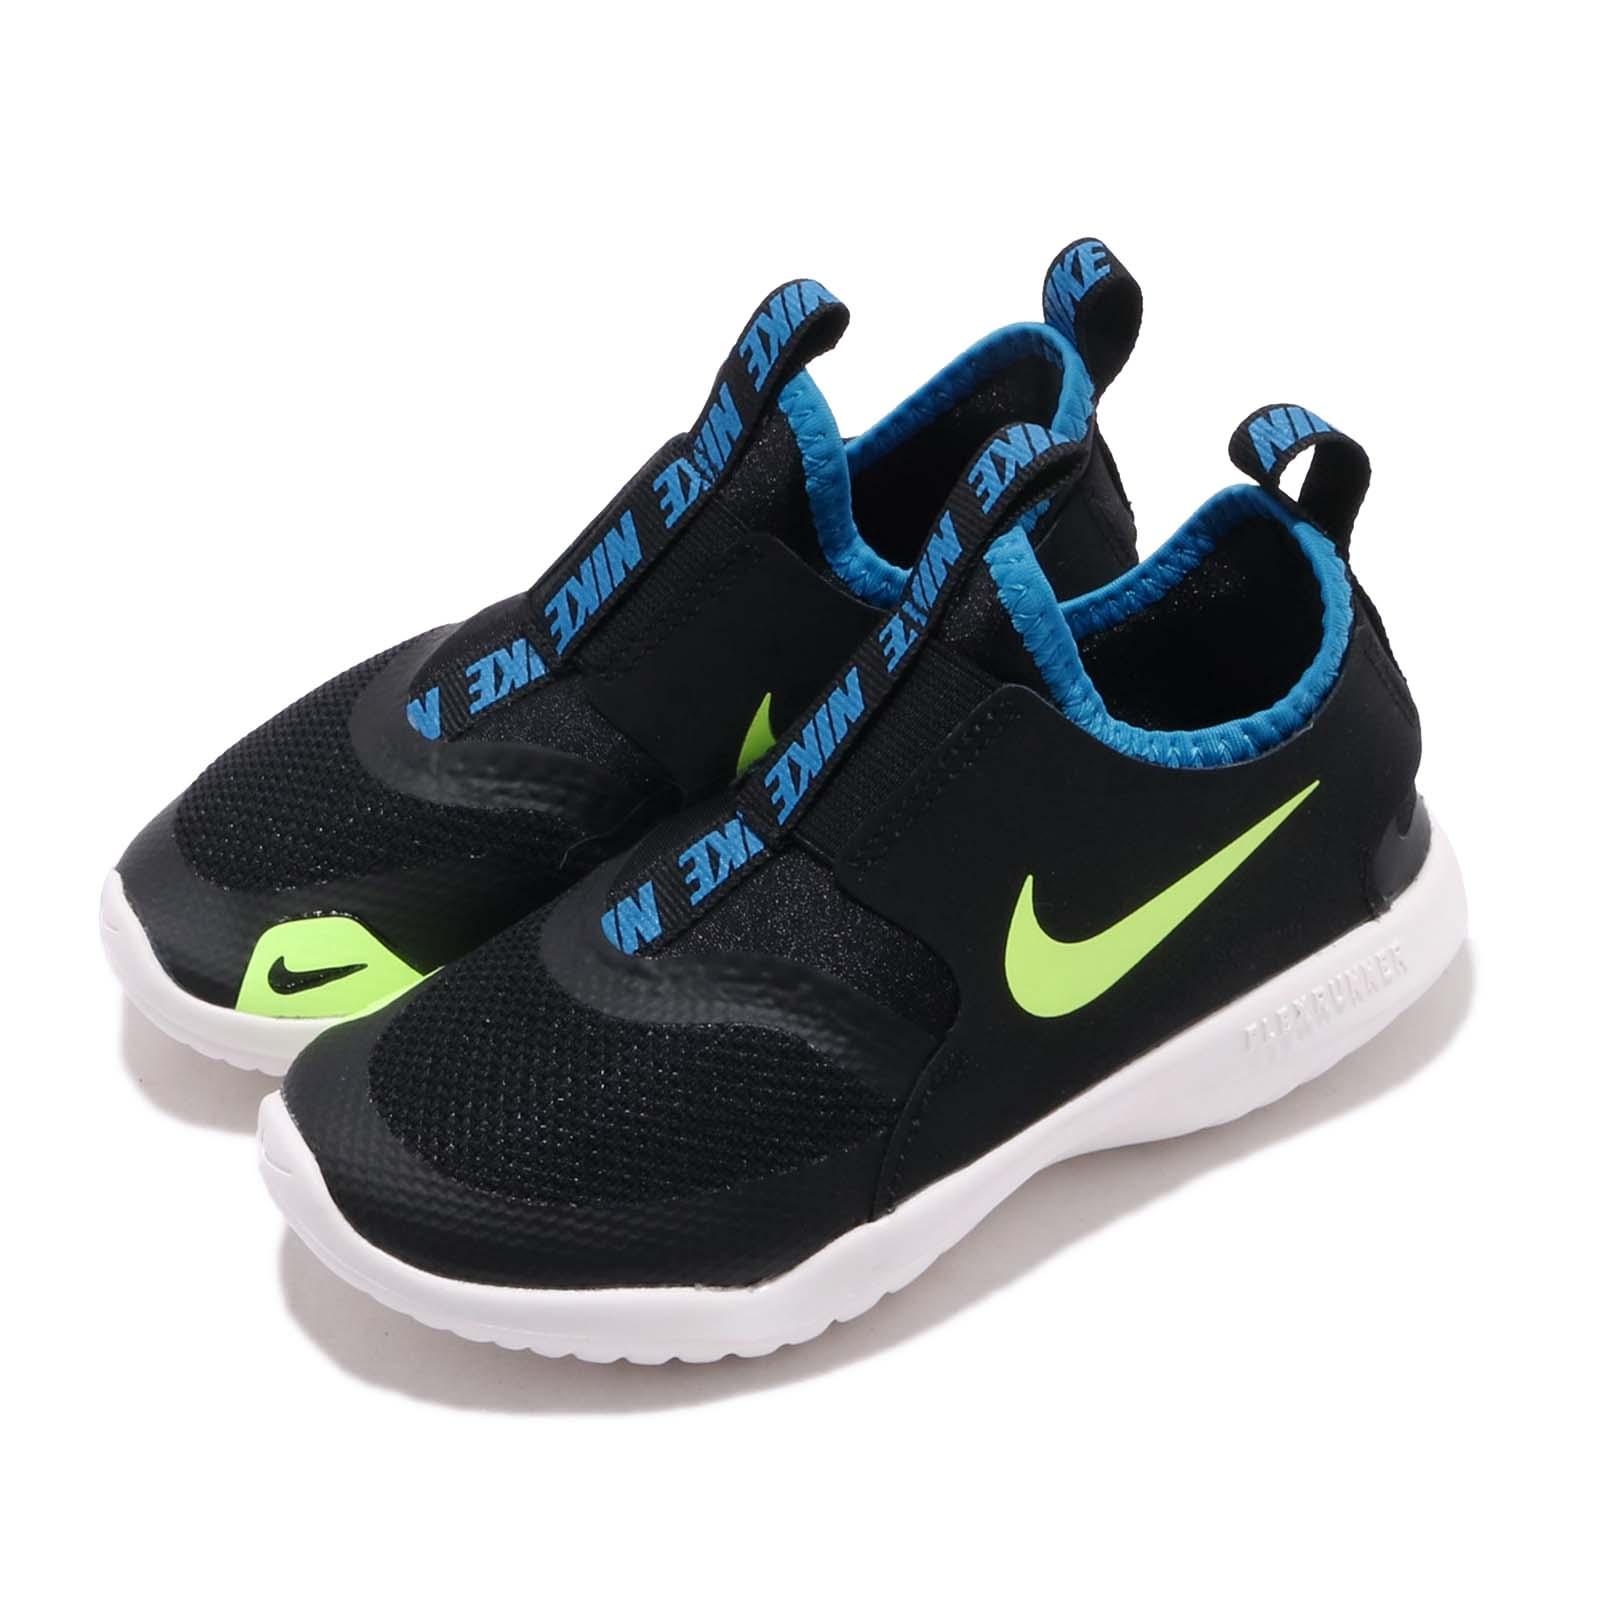 Nike 慢跑鞋 Flex Runner 運動 童鞋 AT4663-005